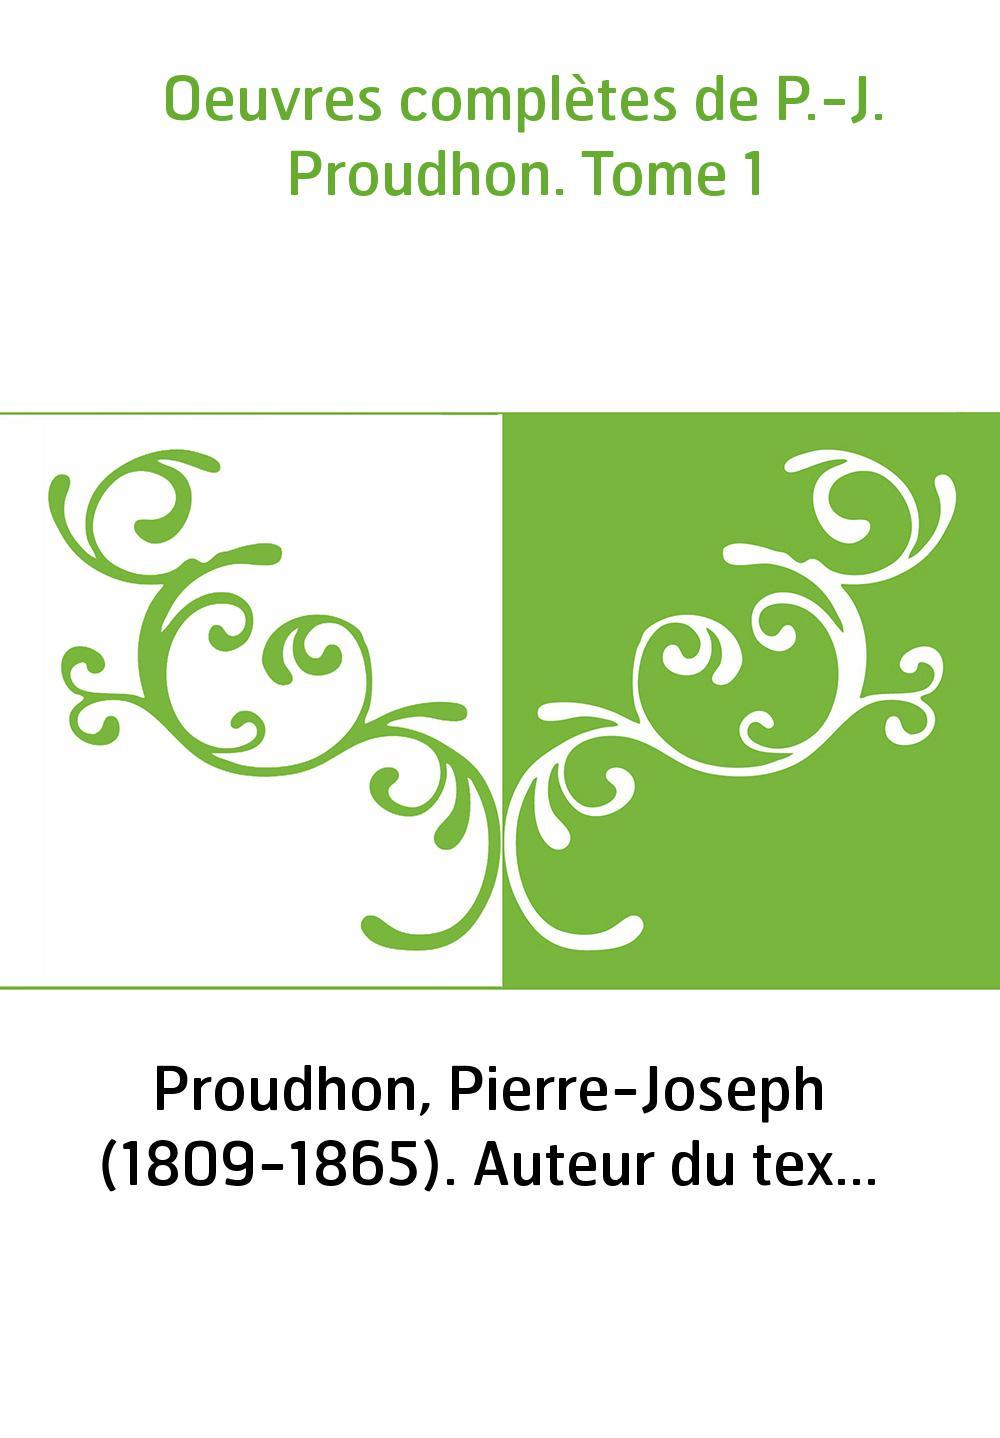 Oeuvres complètes de P.-J. Proudhon. Tome 1